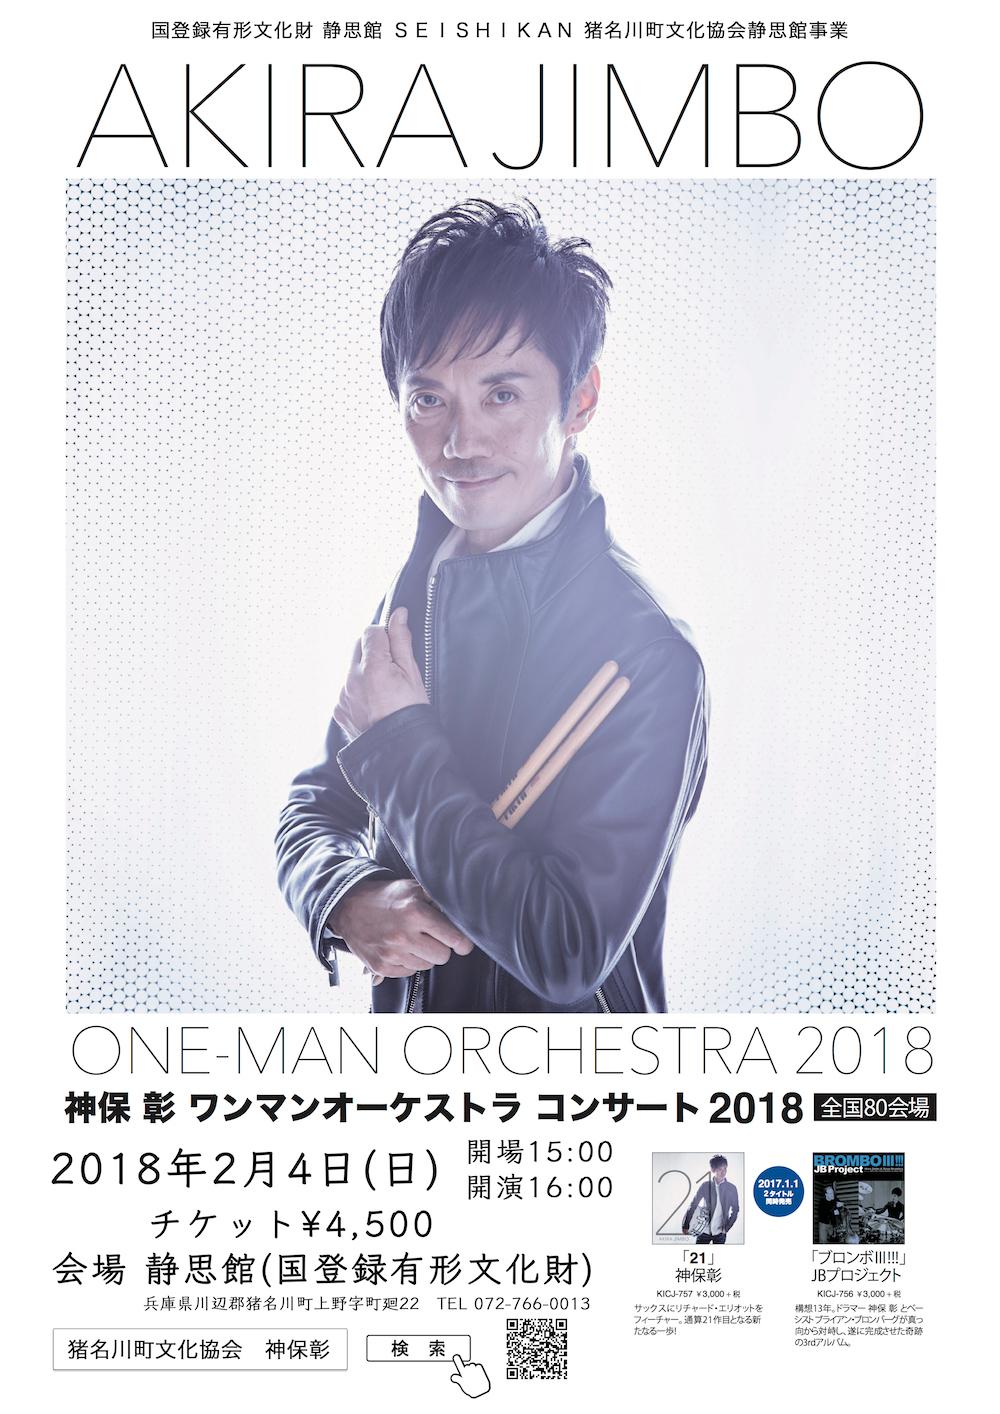 神保彰ワンマンオーケストラLive2018